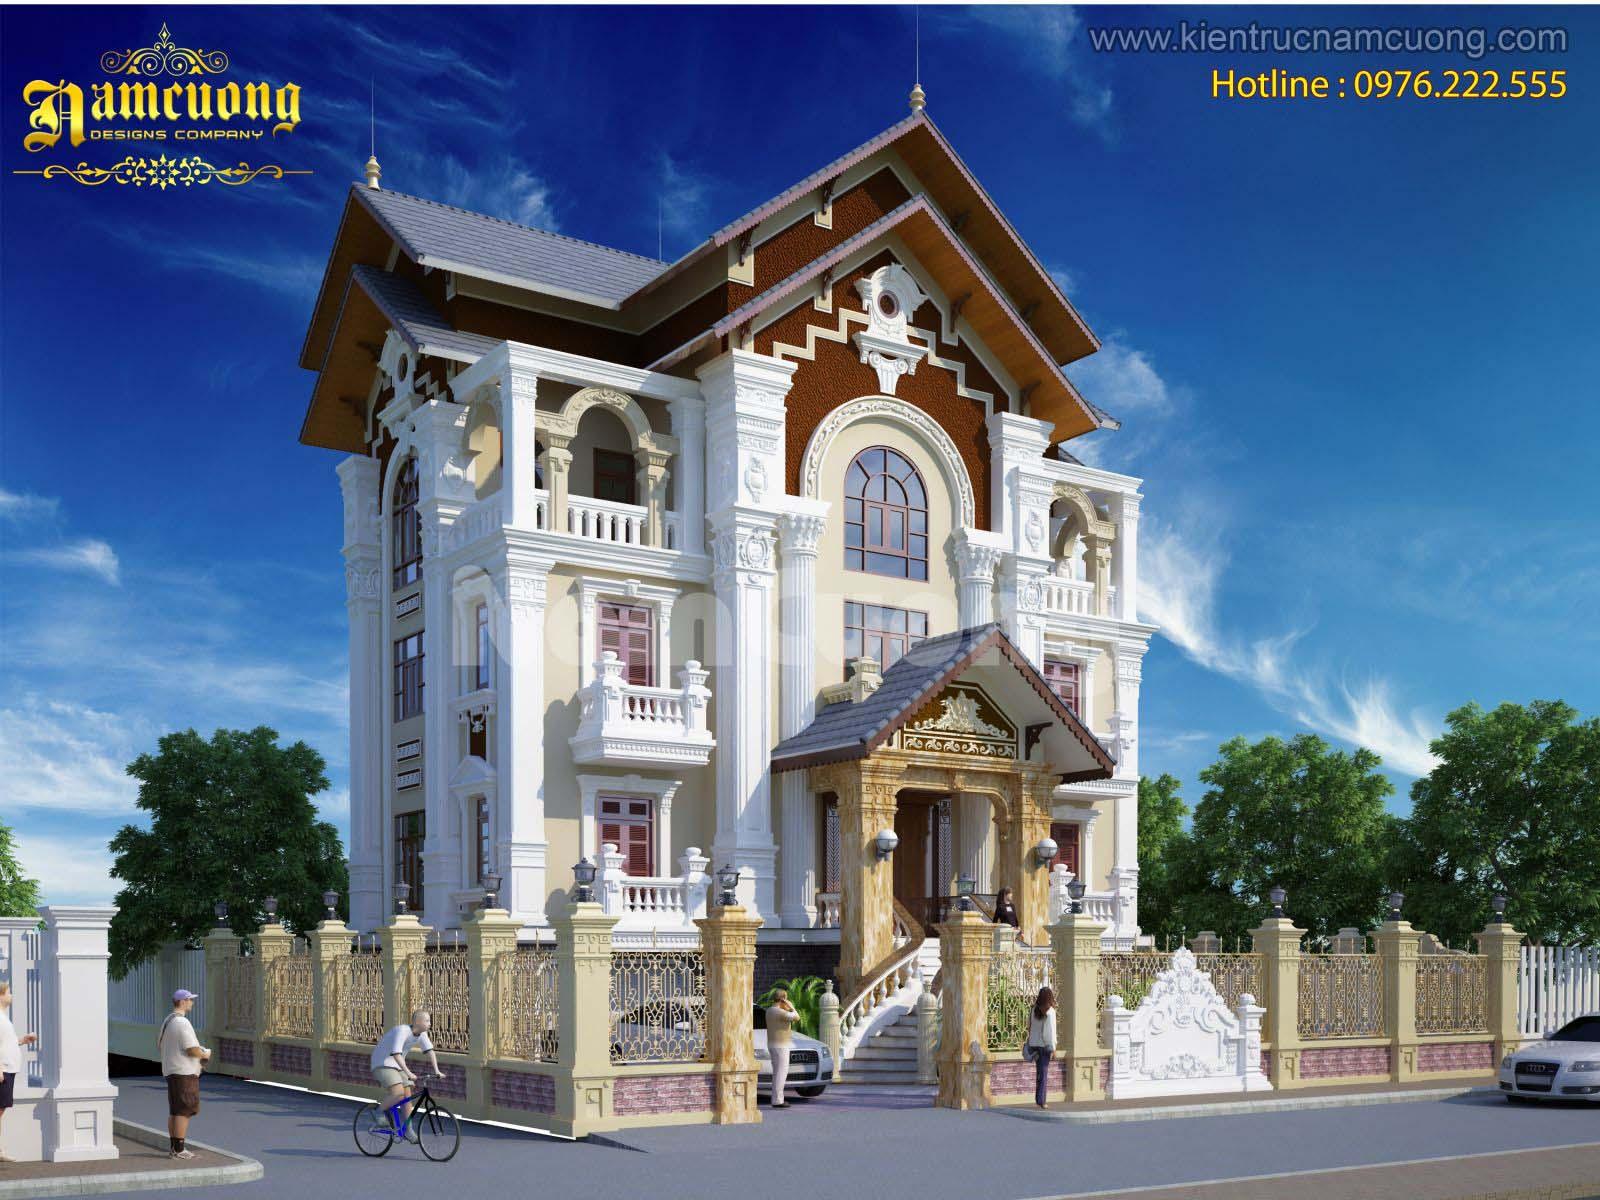 Mẫu biệt thự kiến trúc Pháp cổ điển đẳng cấp tại Hà Nội - BTP 014